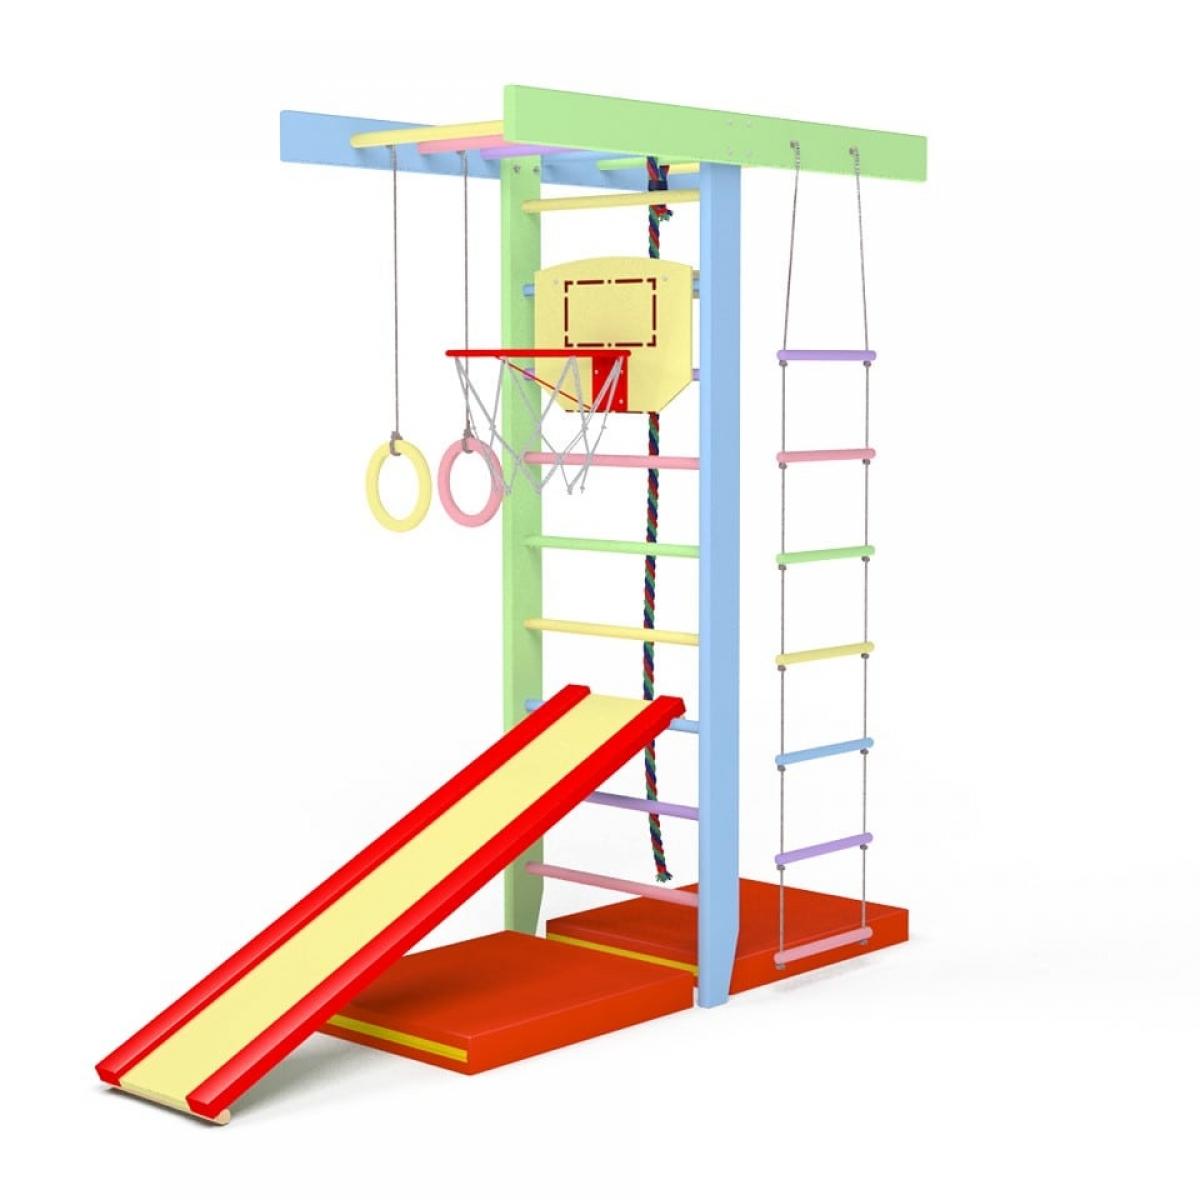 Детский спортивный комплекс Крепыш Т-образный (Весенняя радуга)